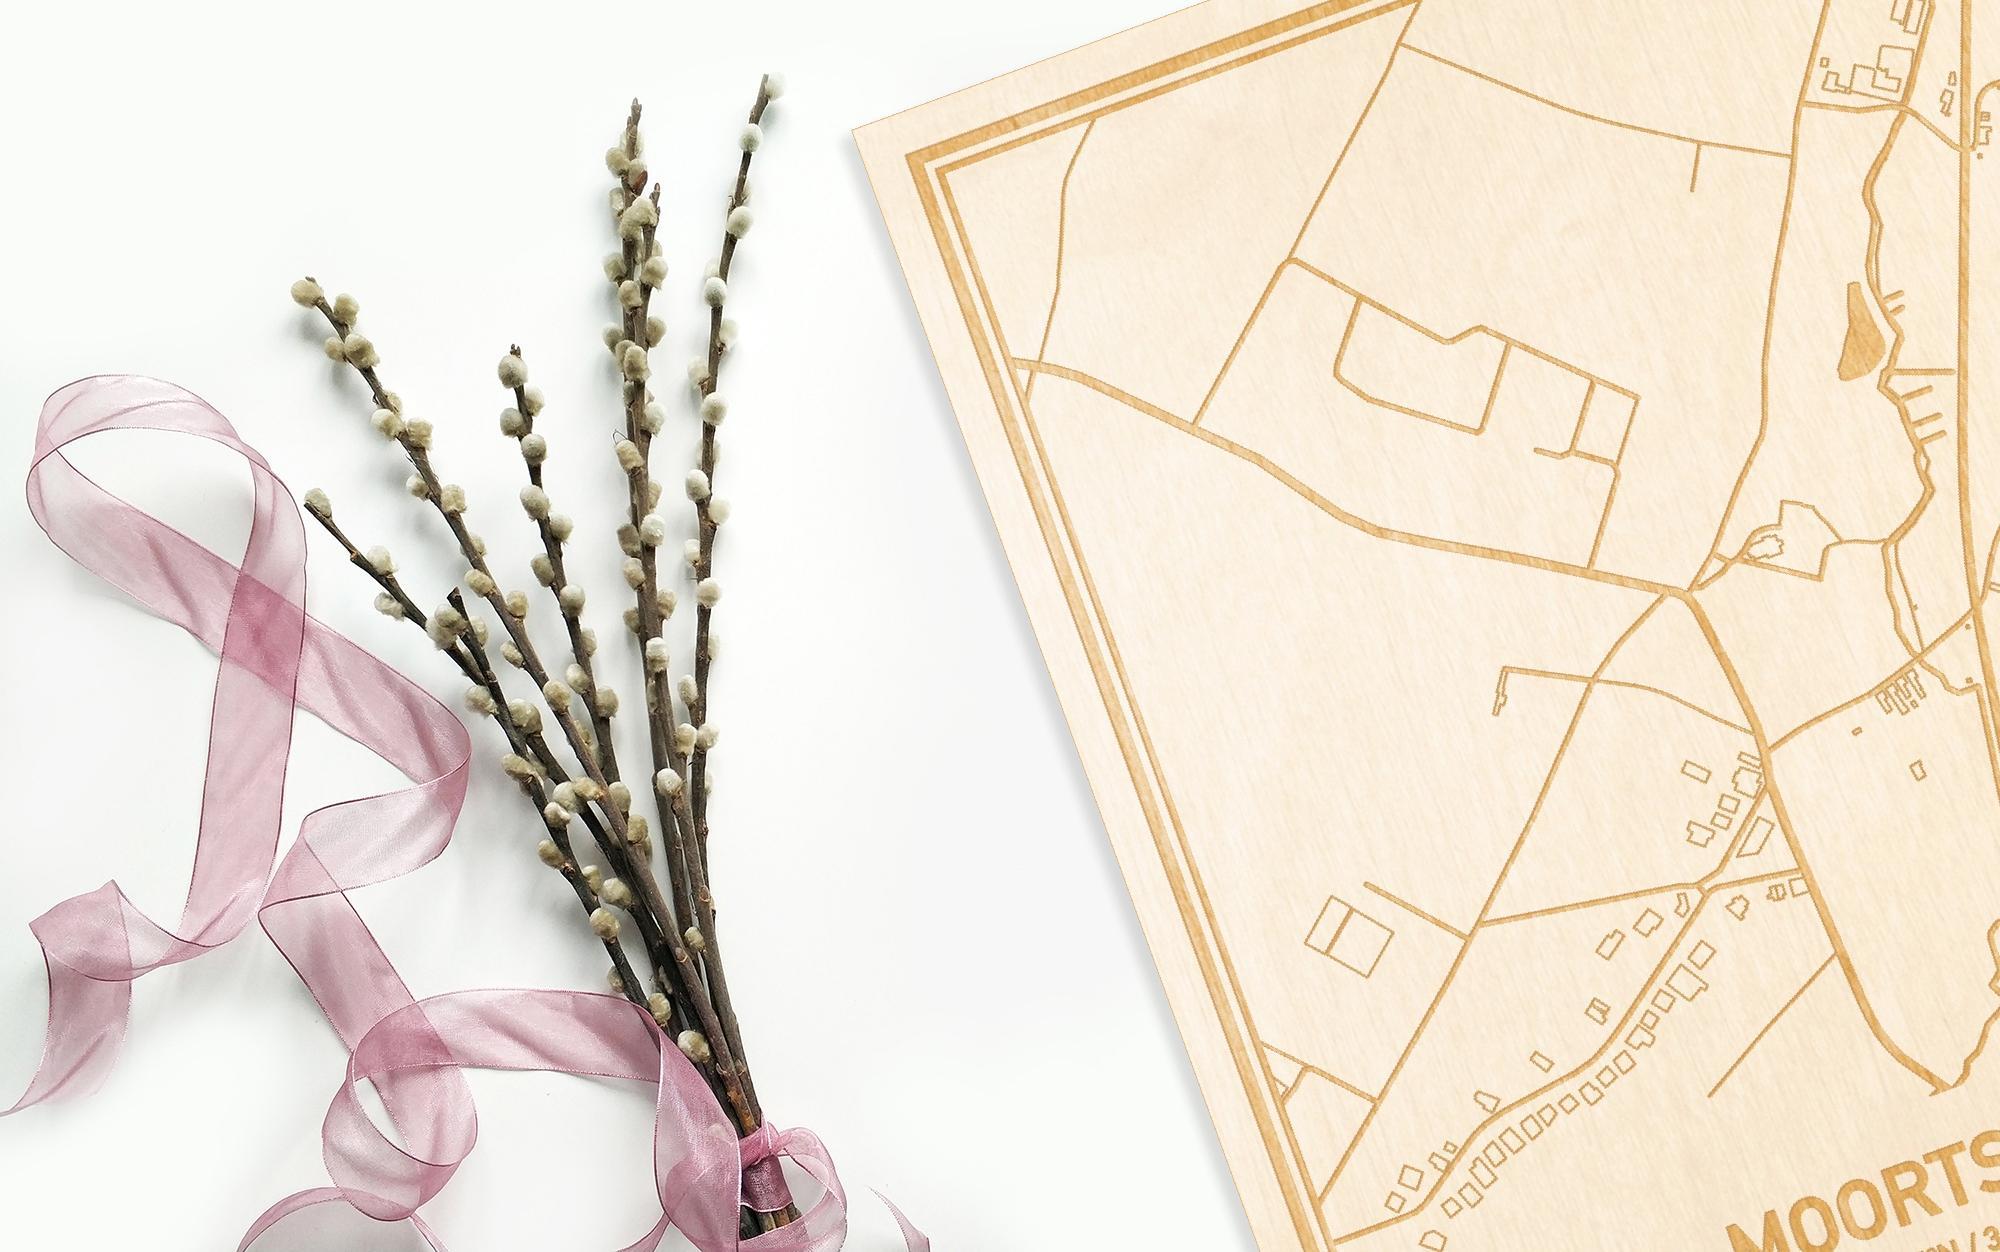 Hier ligt de houten plattegrond Moortsele naast een bloemetje als gepersonaliseerd cadeau voor haar.